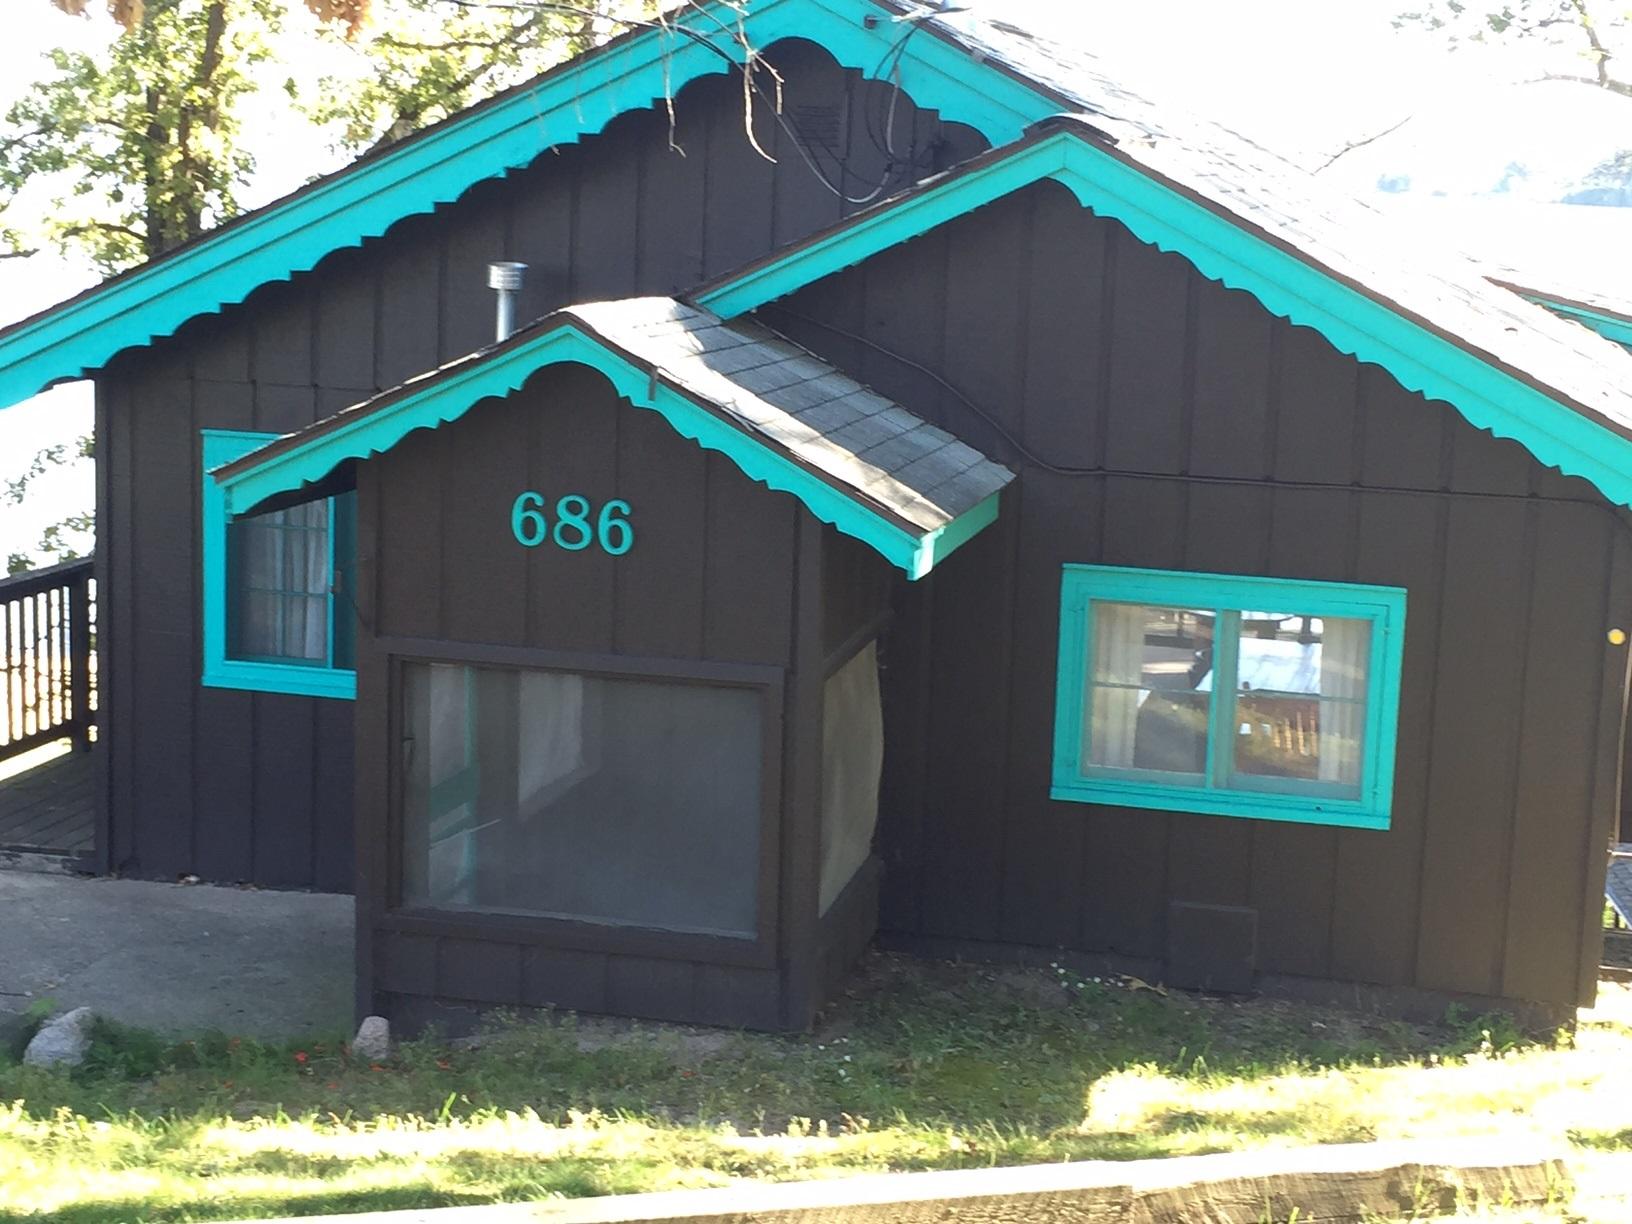 Rustic Brainerd cabin at Cragun's Resort